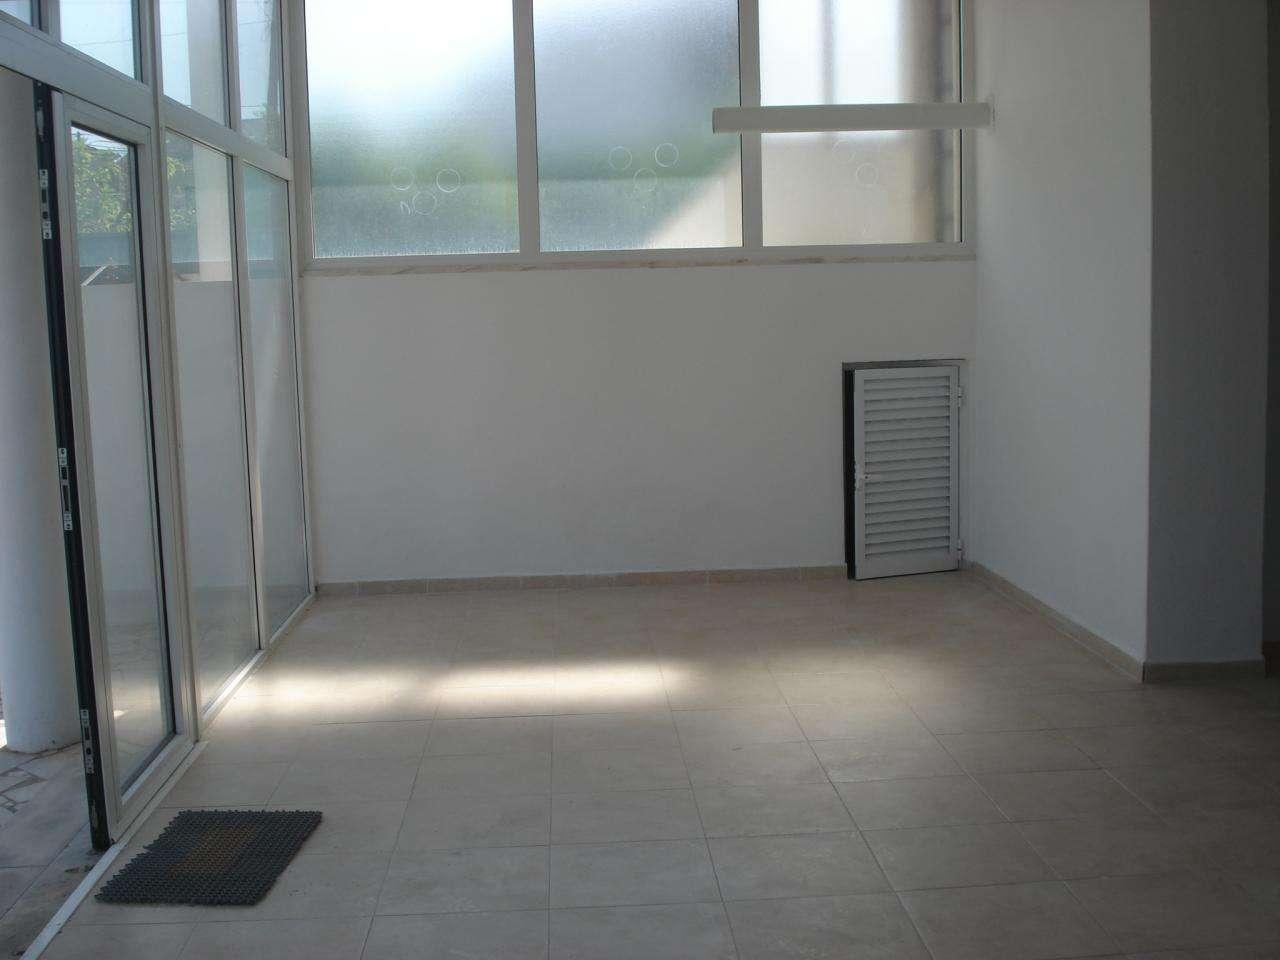 Loja para arrendar, Quinta do Conde, Sesimbra, Setúbal - Foto 2